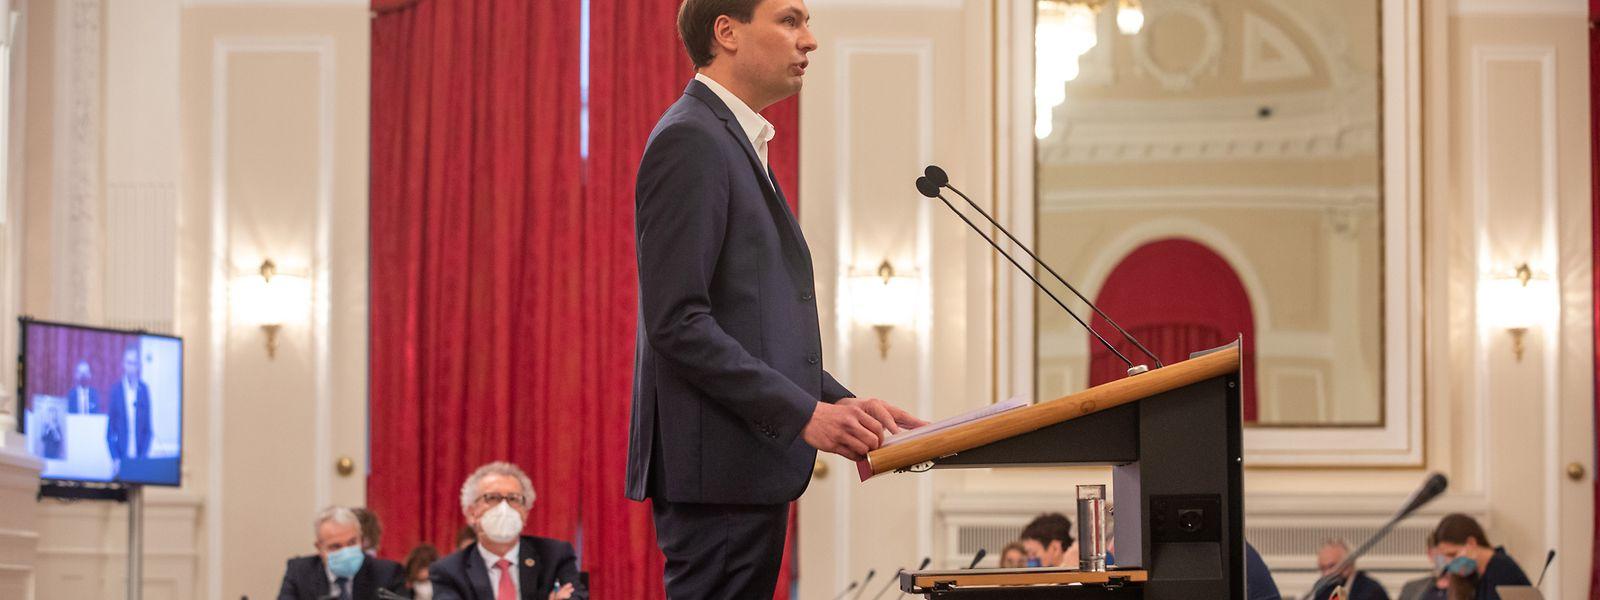 Für Berichterstatter François Benoy soll der Staatshaushalt 2021 nicht nur die coronabedingte Rezession abfedern, sondern einen Paradigmenwechsel in der Haushaltspolitik herbeiführen.